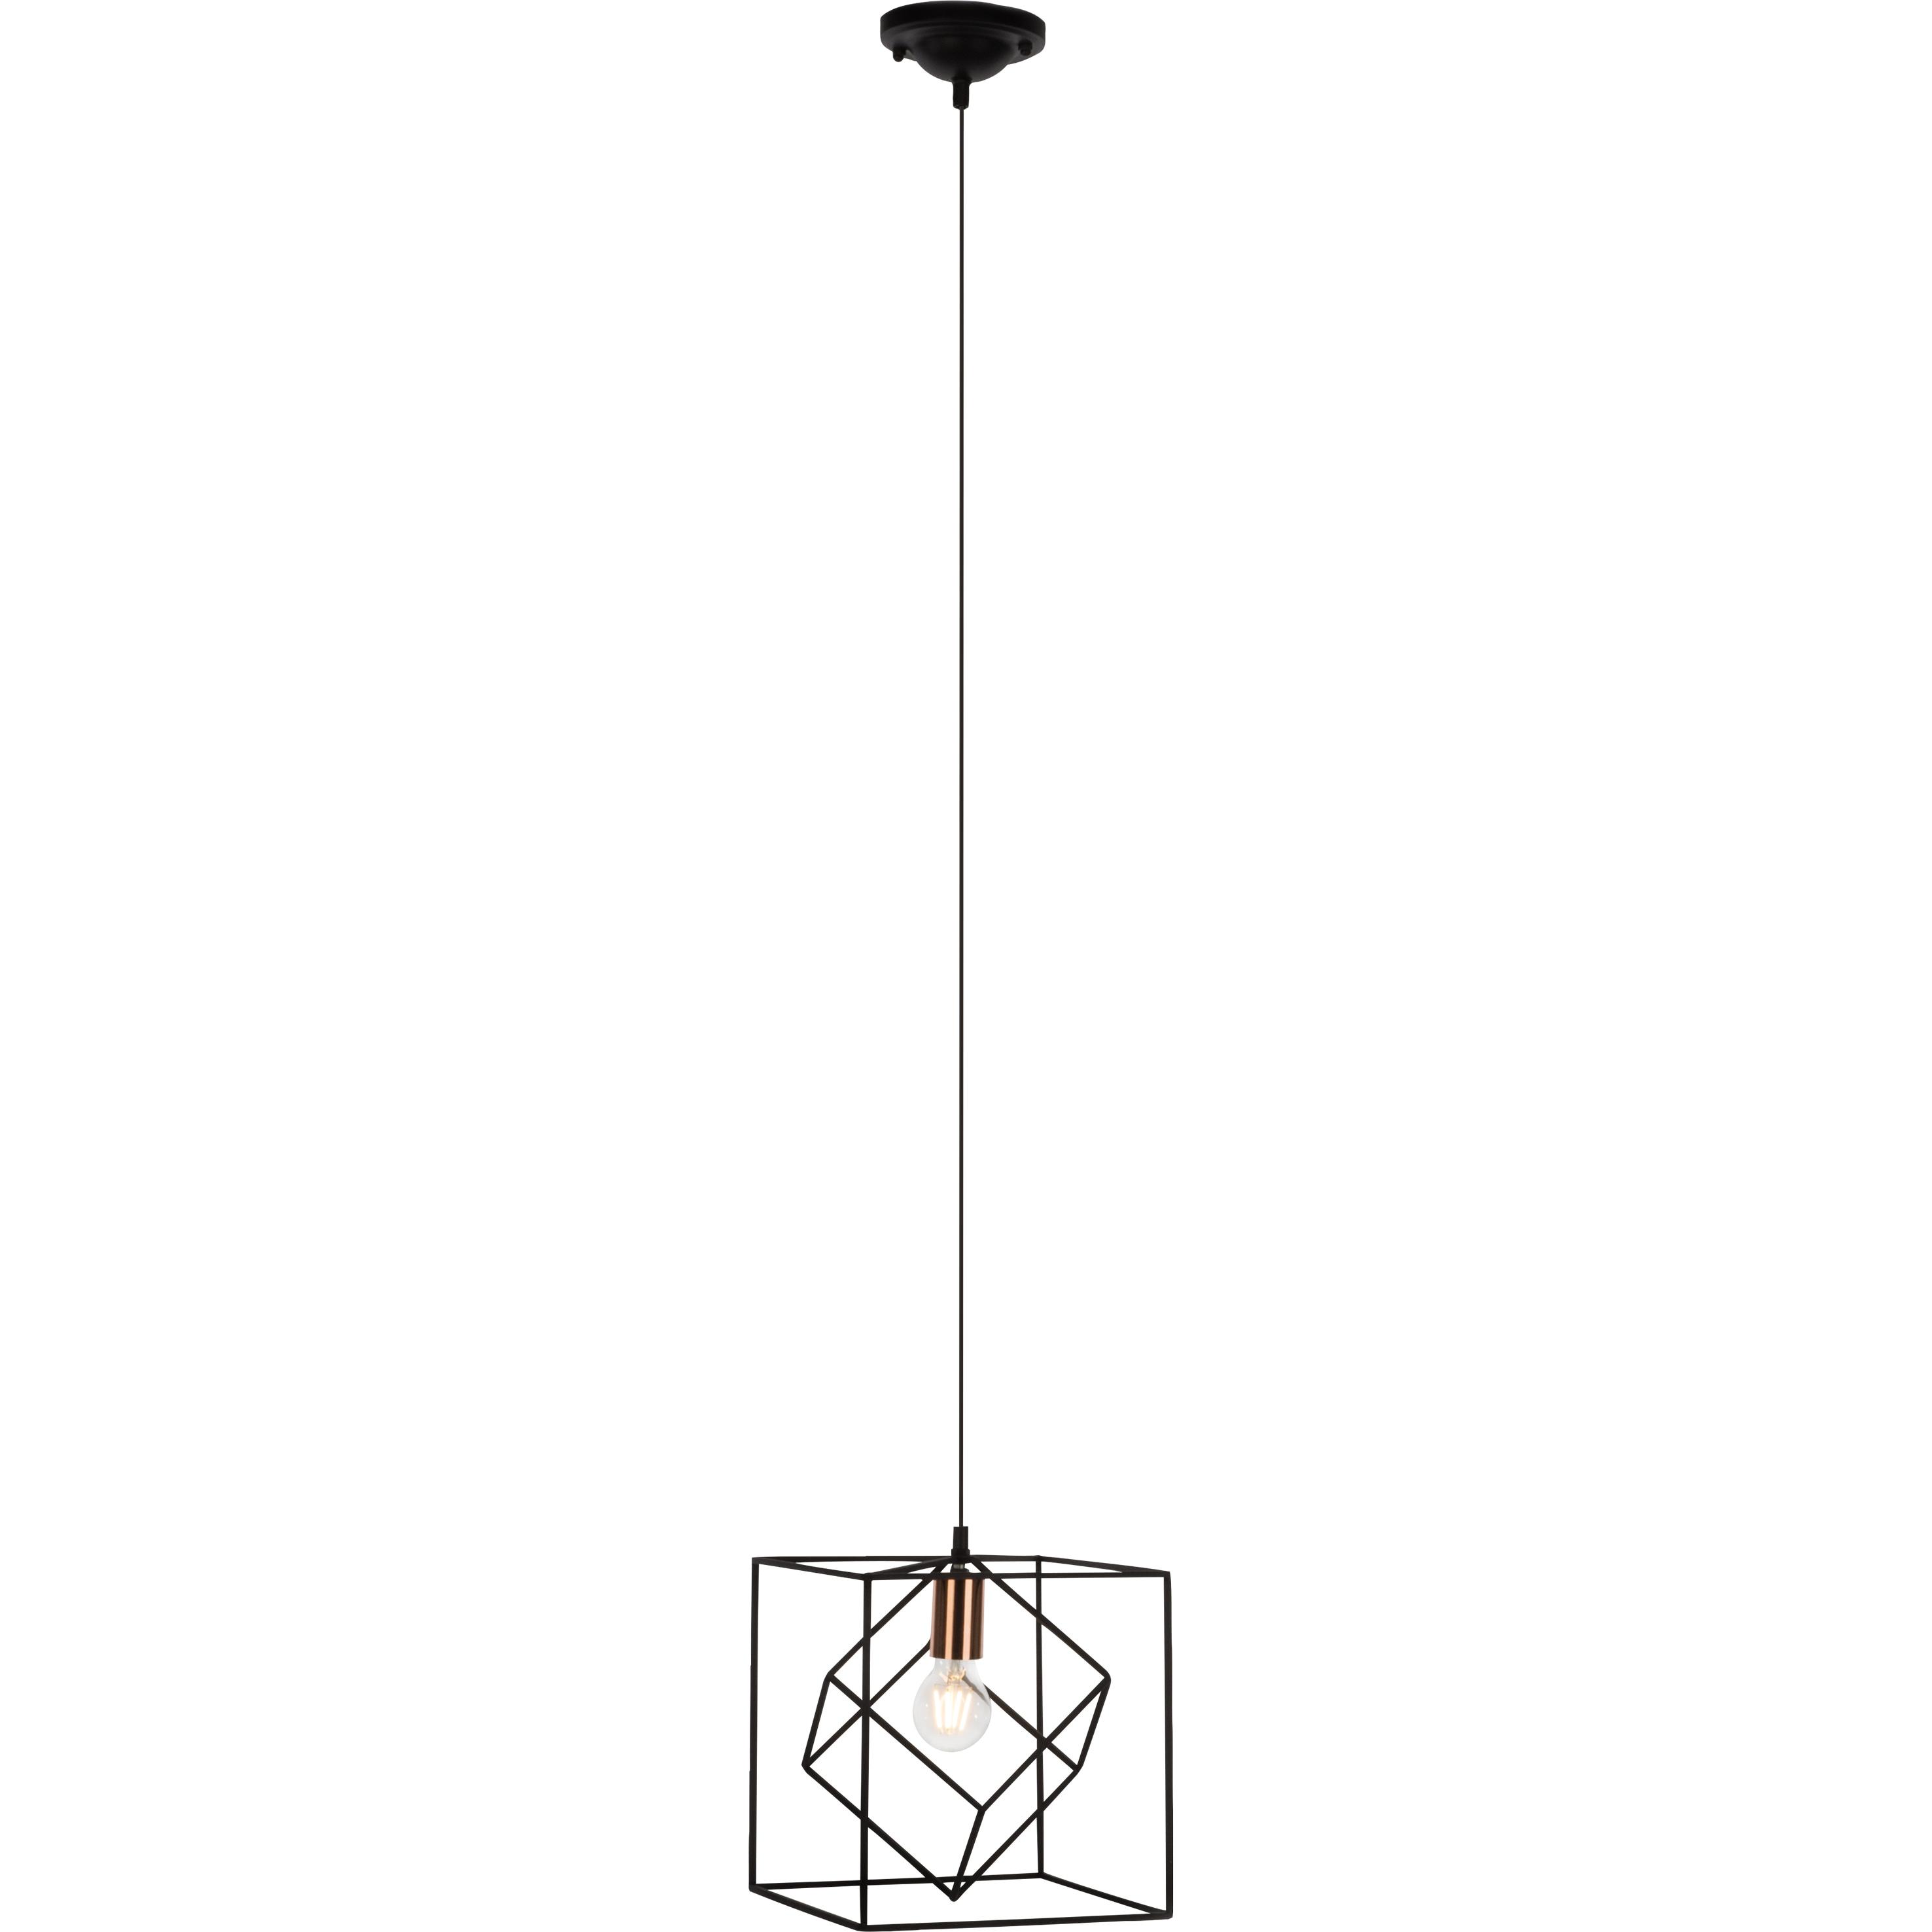 Brilliant Leuchten Tycho Pendelleuchte 25x25cm schwarz/kupfer